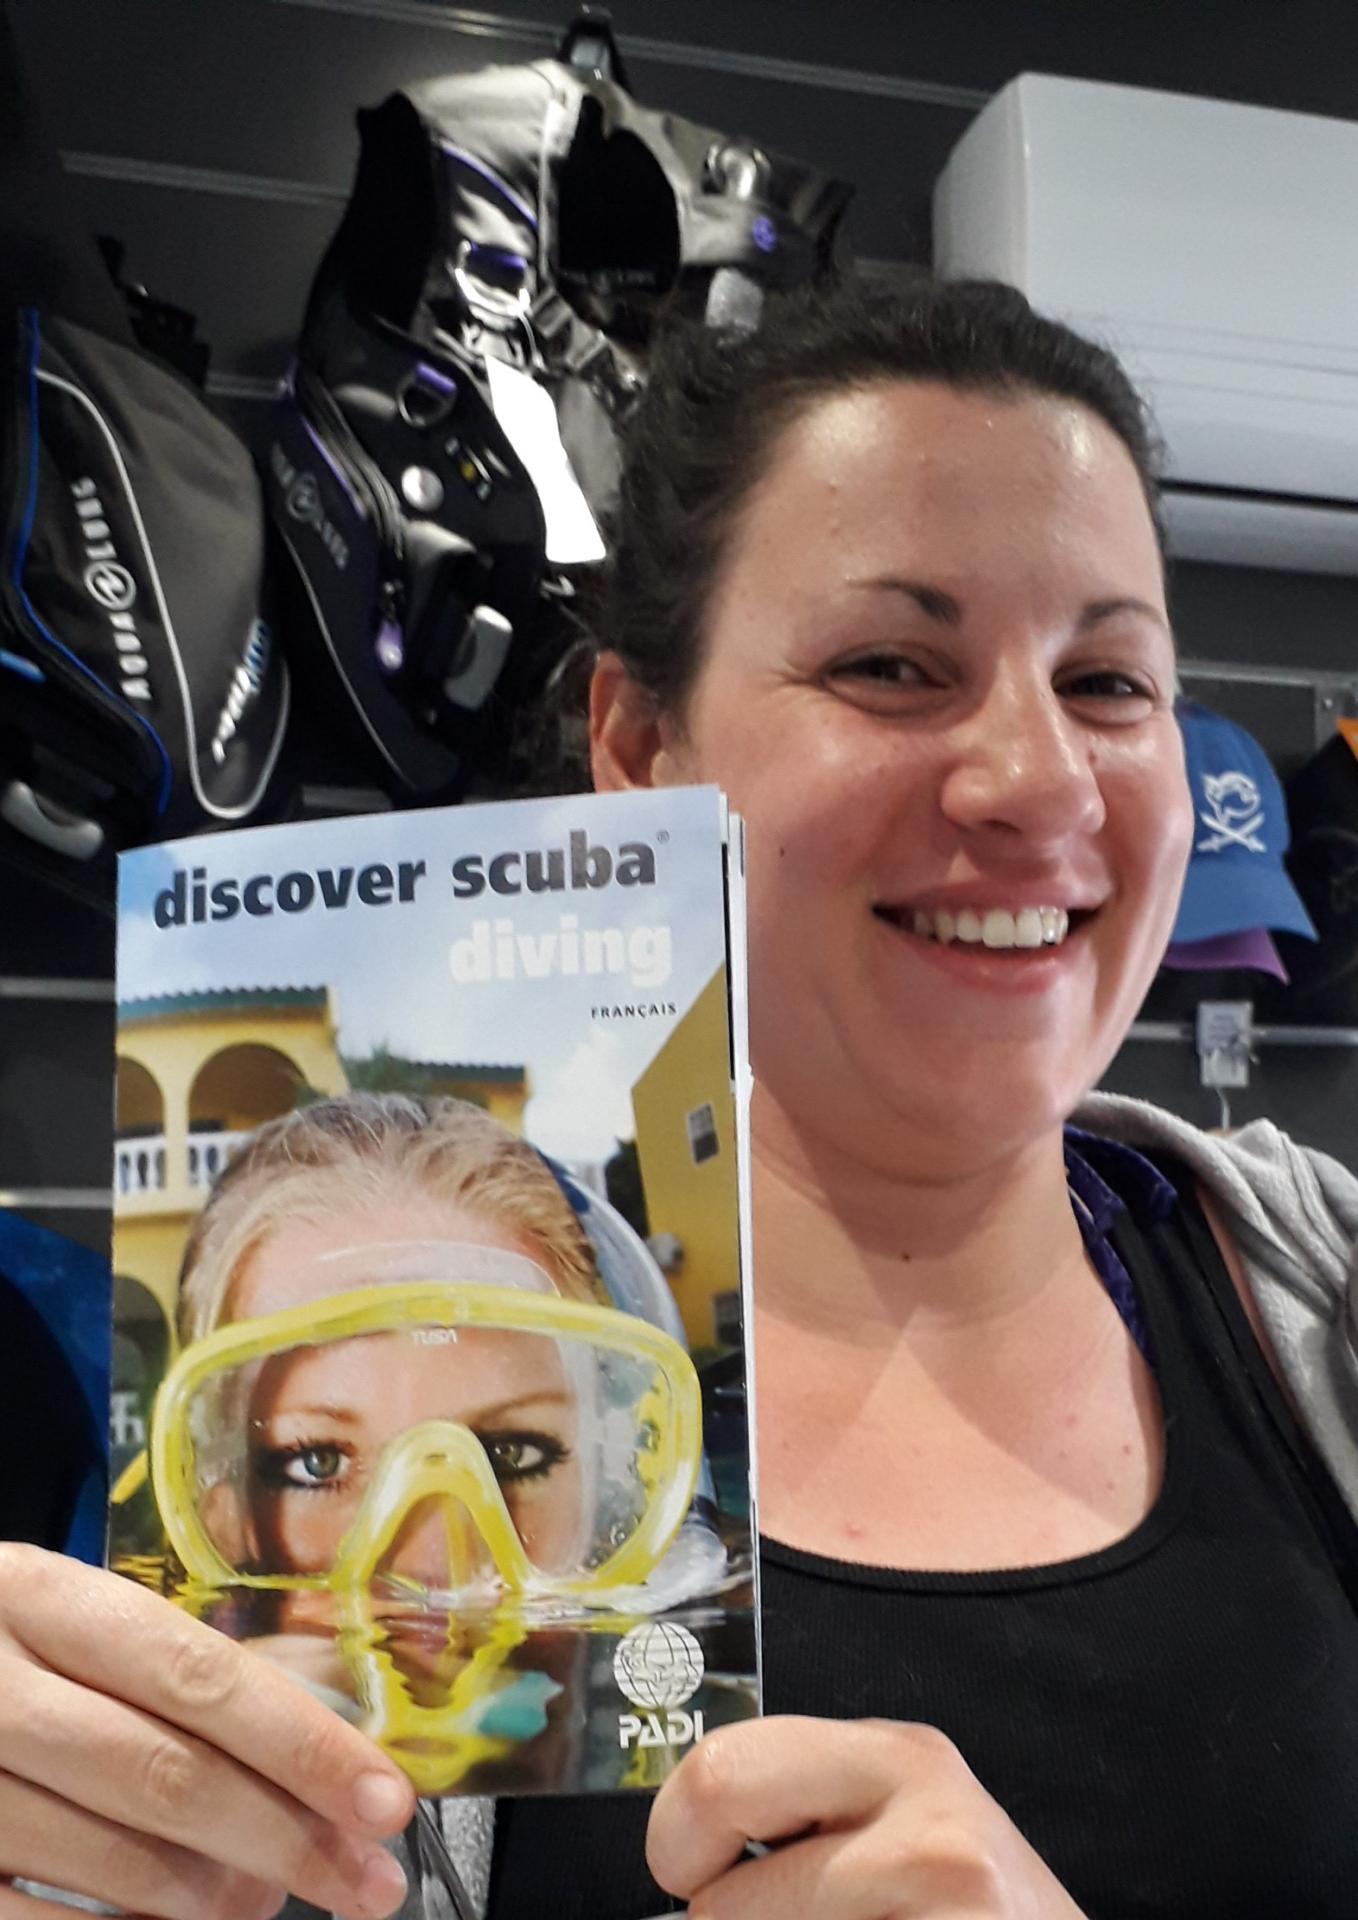 Padi discover scuba diving 2